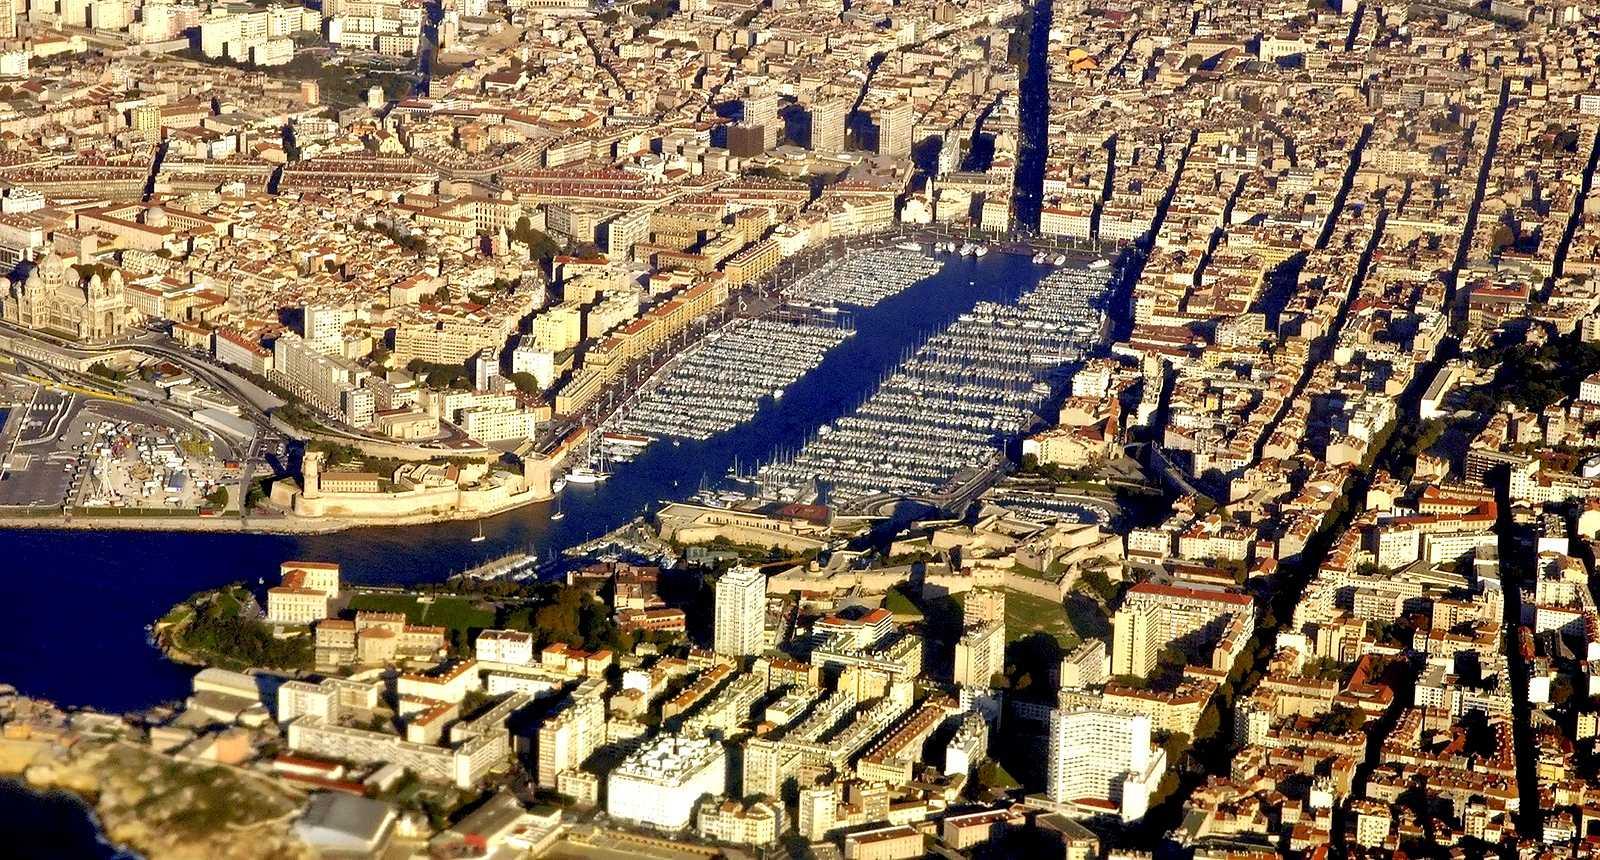 Vue aérienne sur le Vieux Port de Marseille